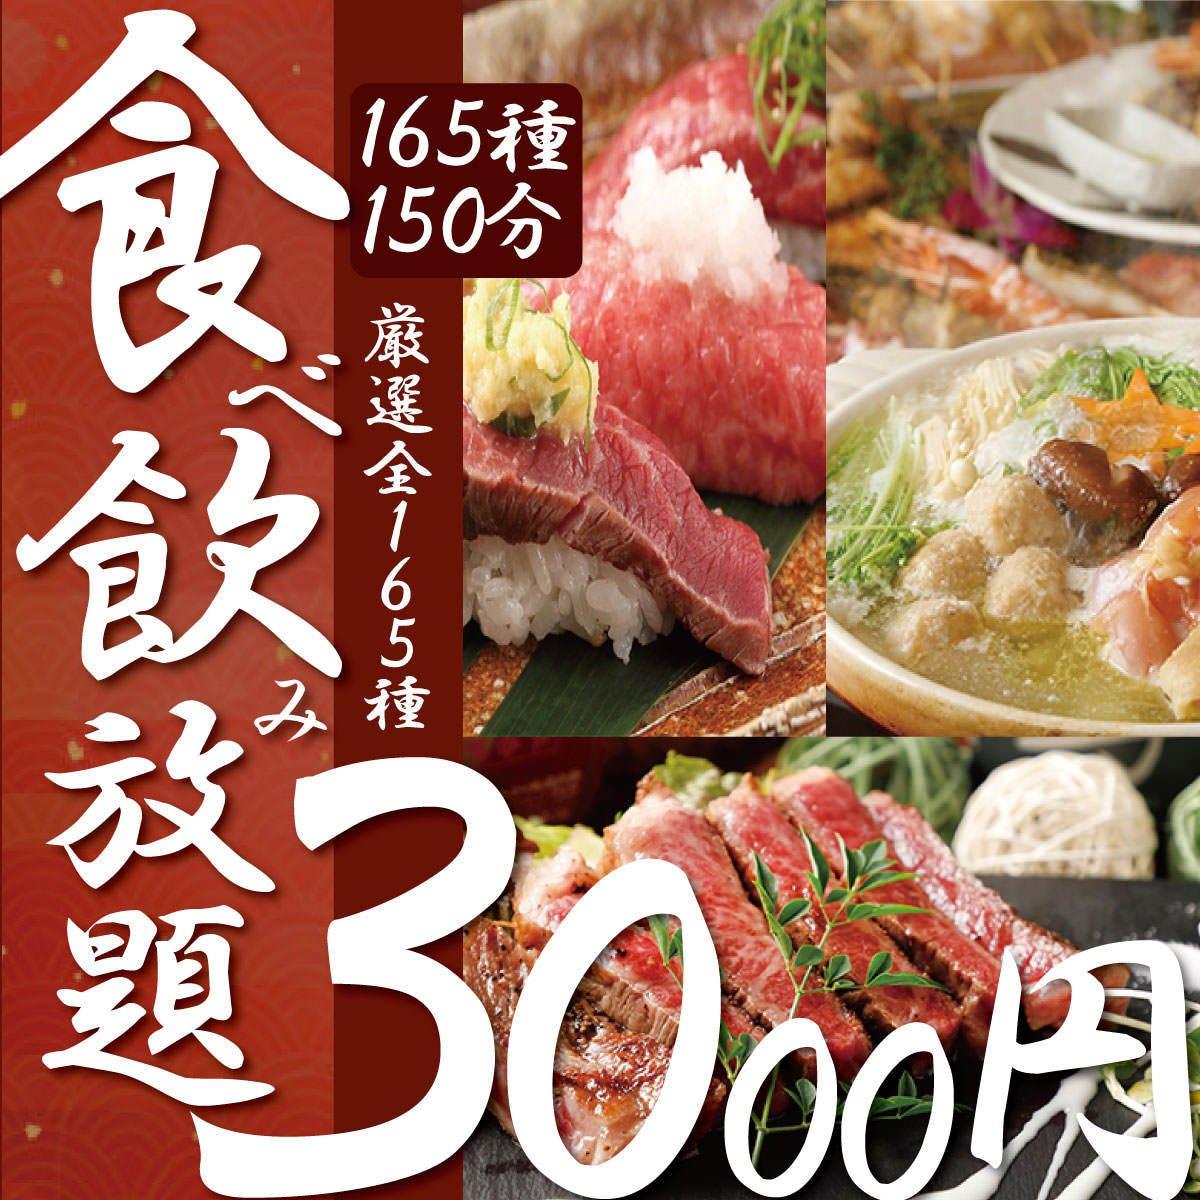 食べ飲み放題3000円~